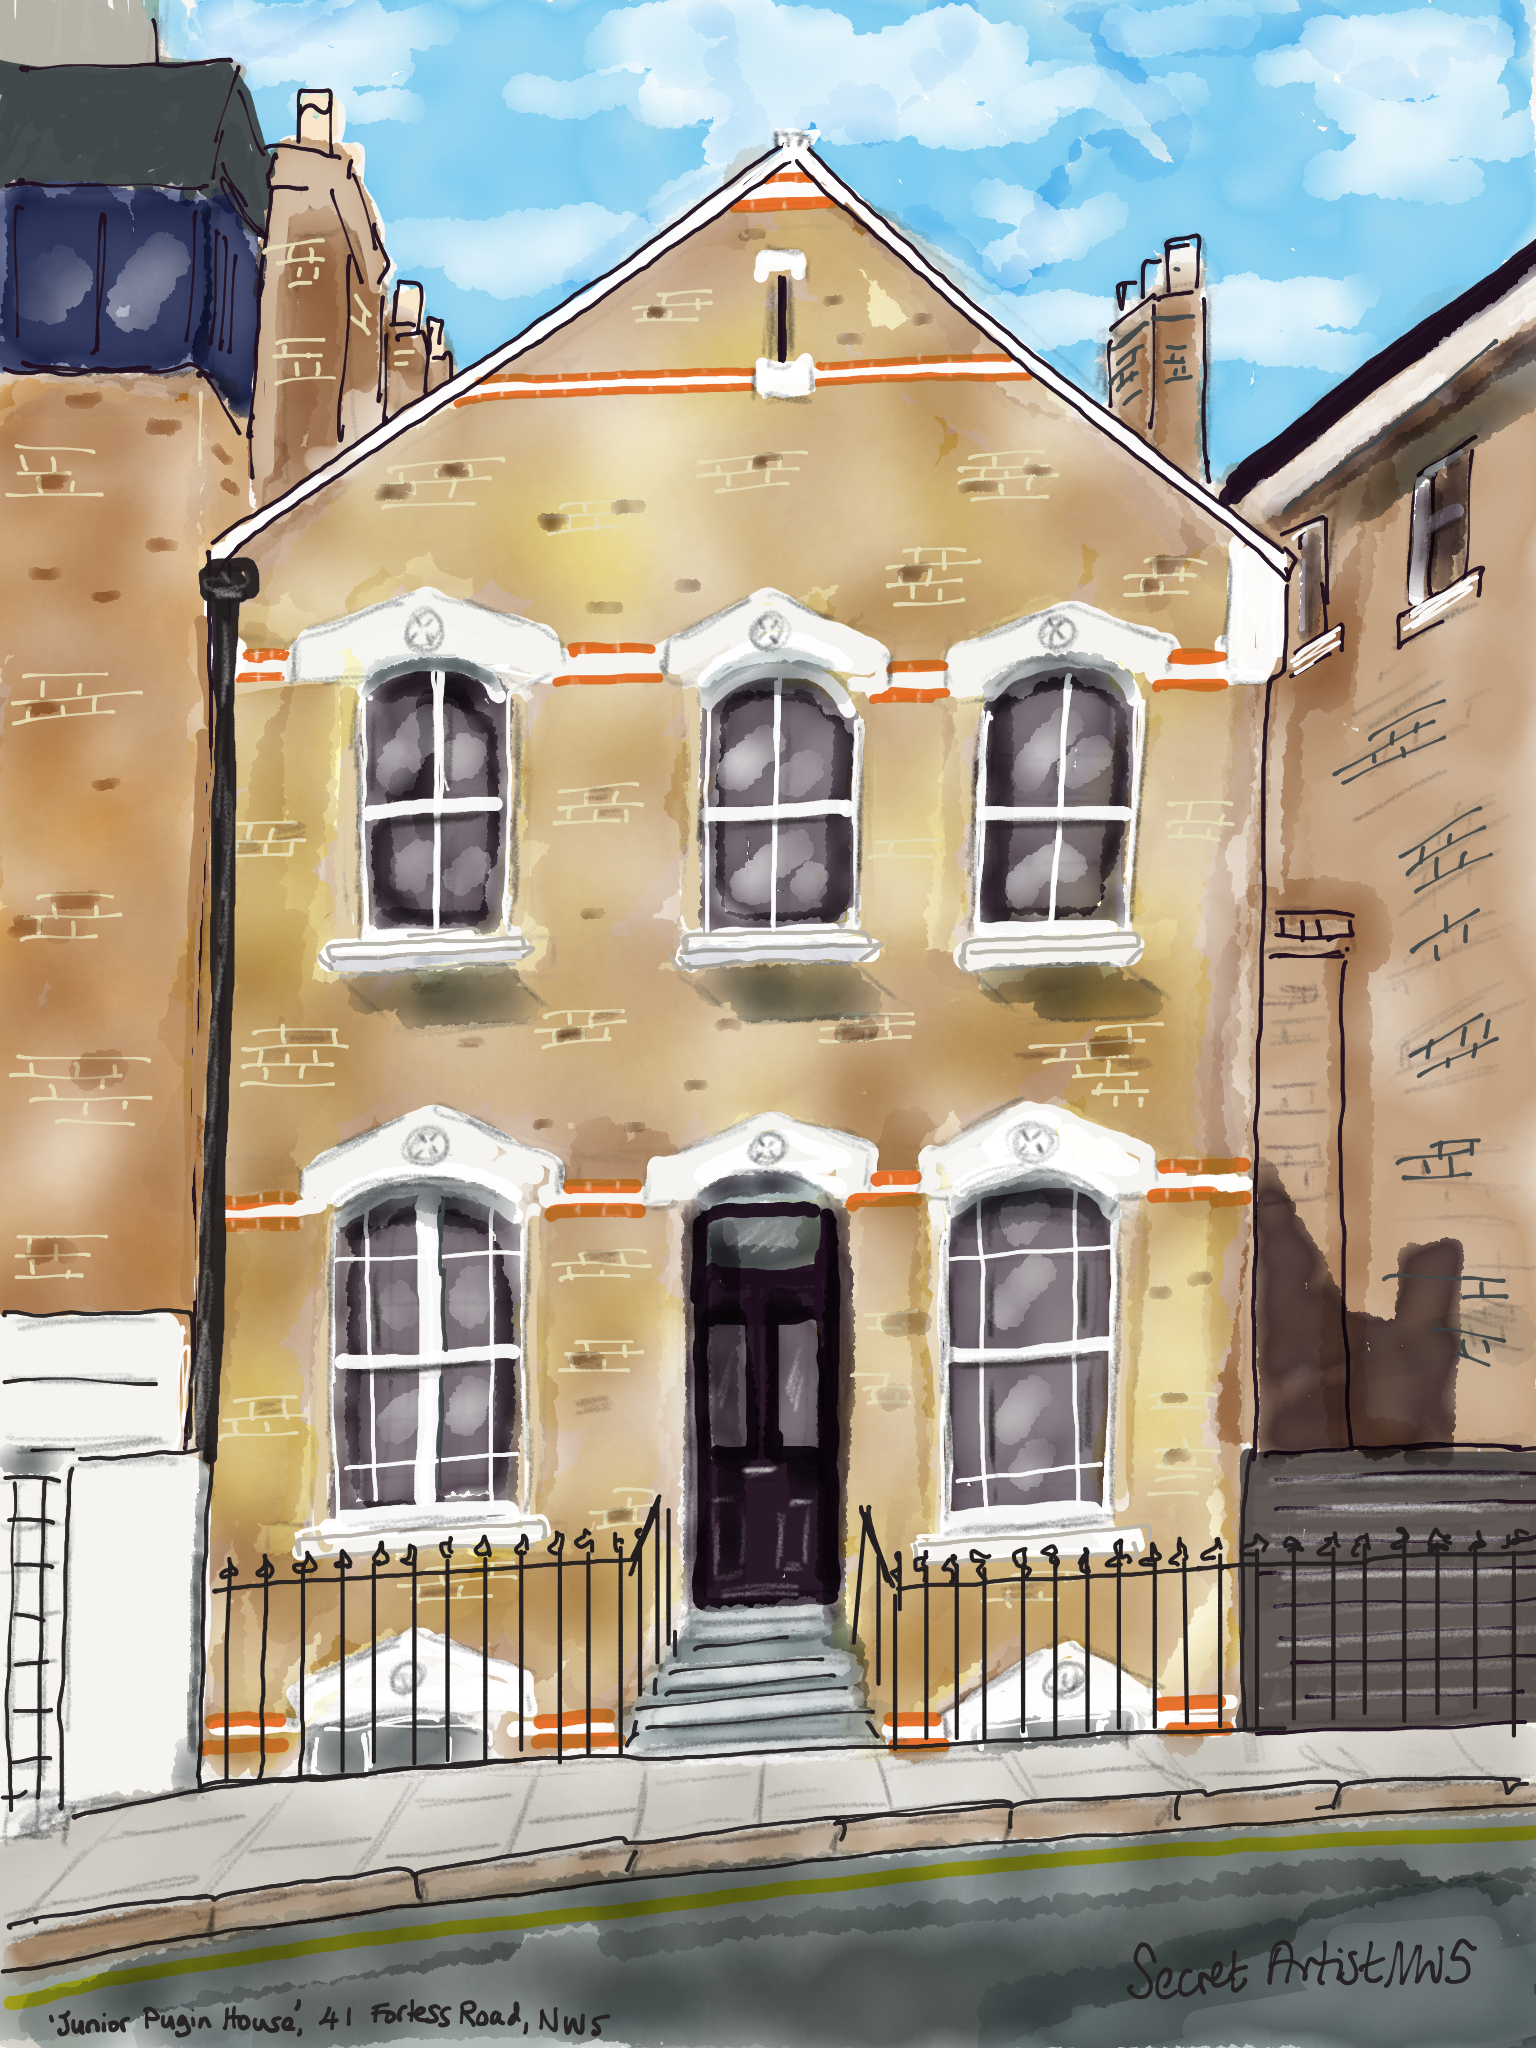 Junior Pugin House